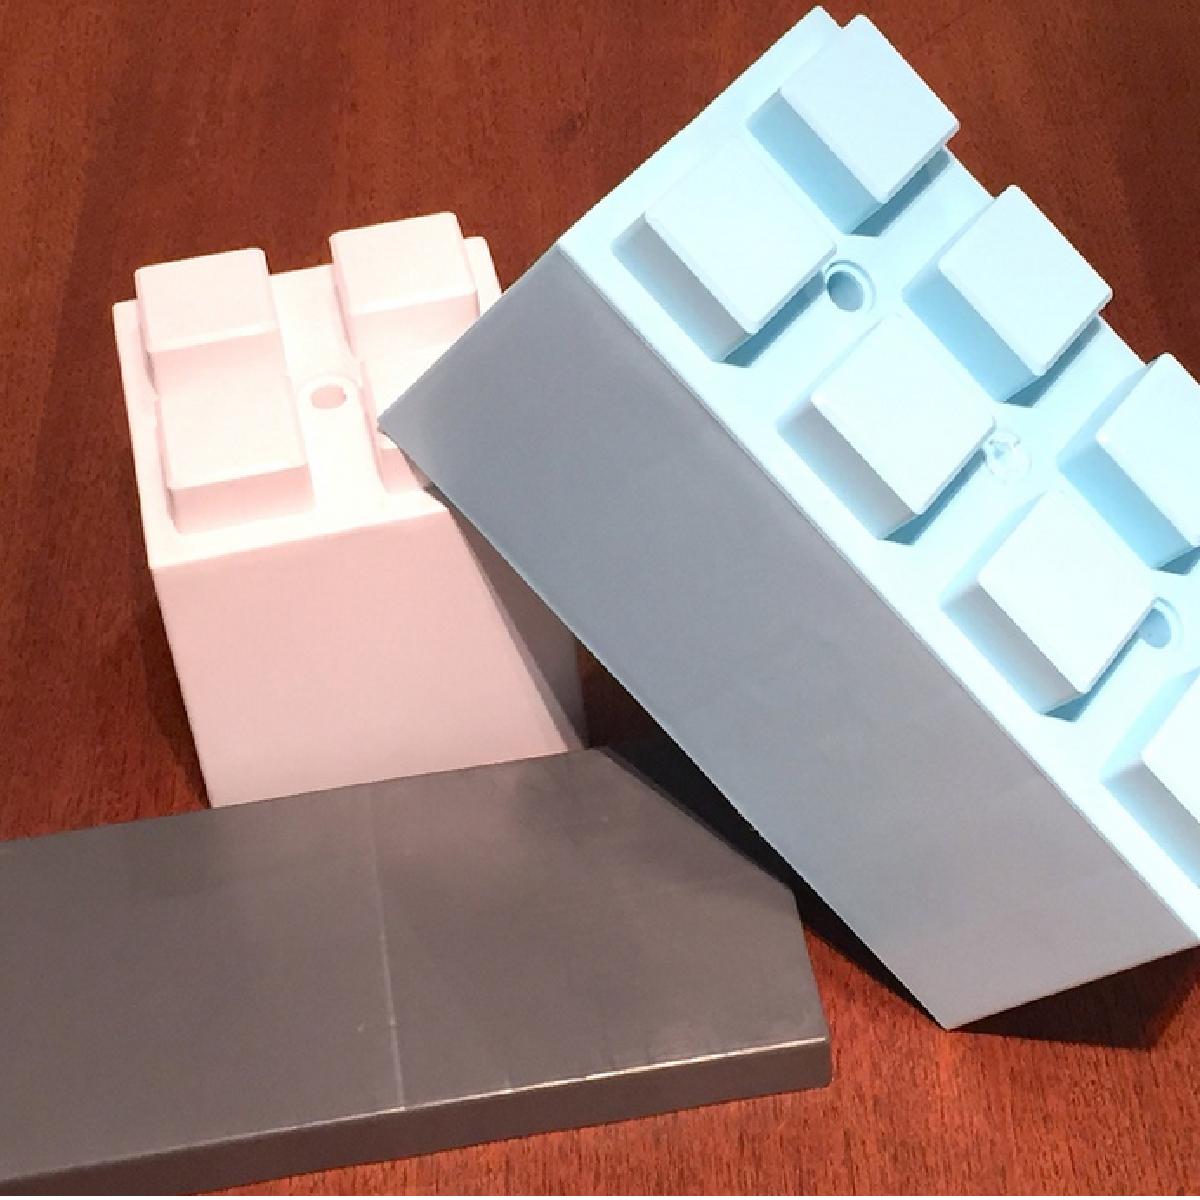 Table Basse Lego Geant cadeaux 2 ouf : idées de cadeaux insolites et originaux